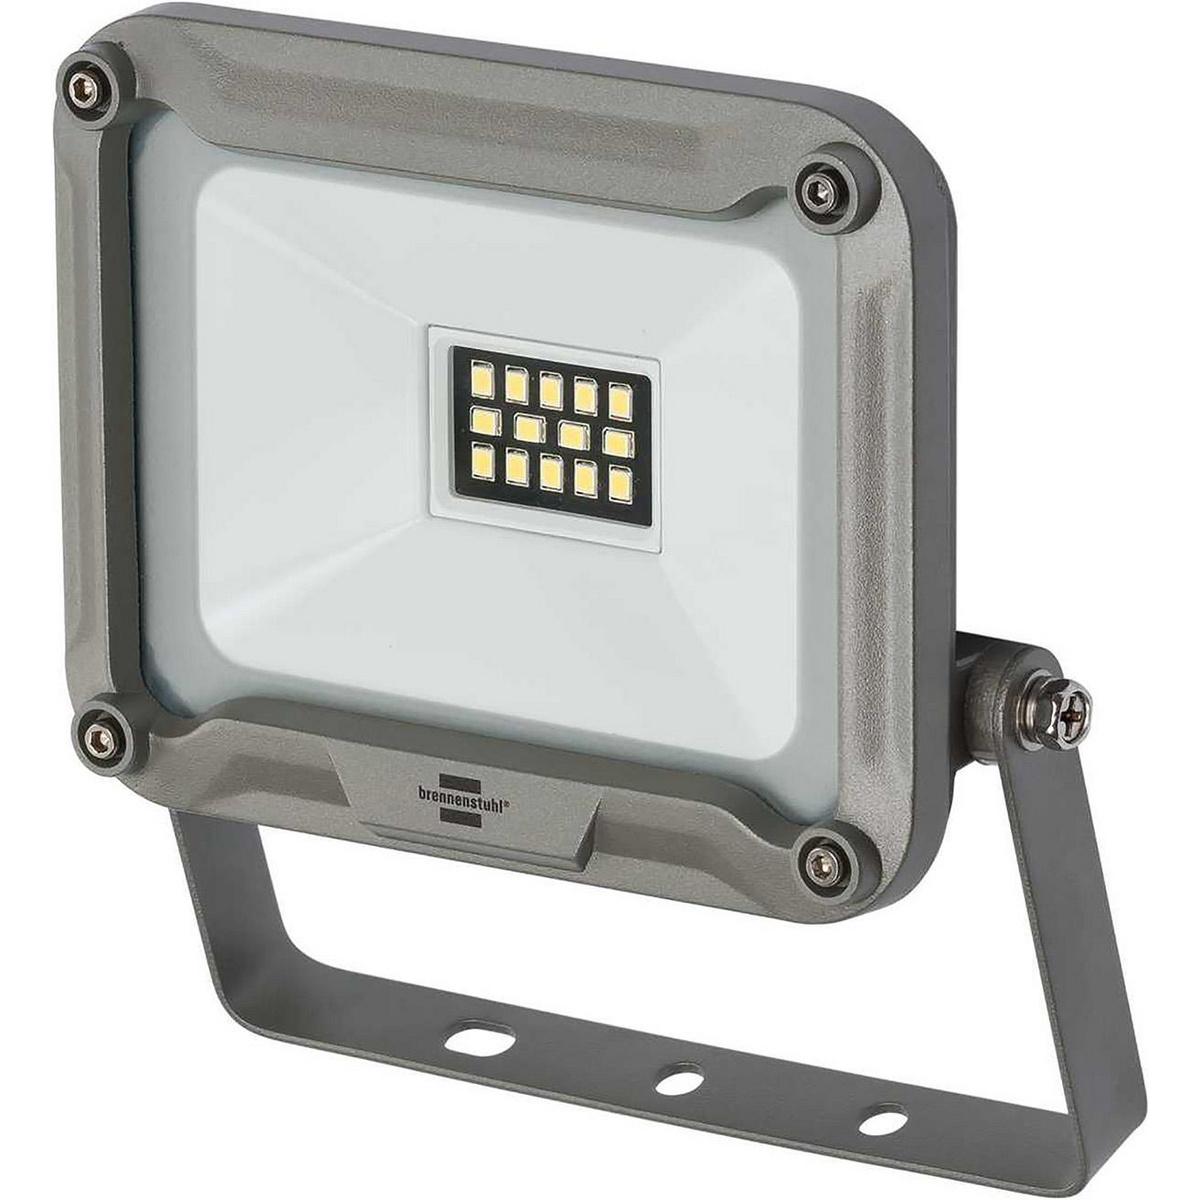 Éclairage LED avec LED Everlight SMD extra lumineuses. Montage convivial grâce à une borne de connexion externe étanche. Avec verre de sécurité. Boîtier en aluminium solide et moderne. Support de montage réglable pour le montage. Dans un emballage d'affic